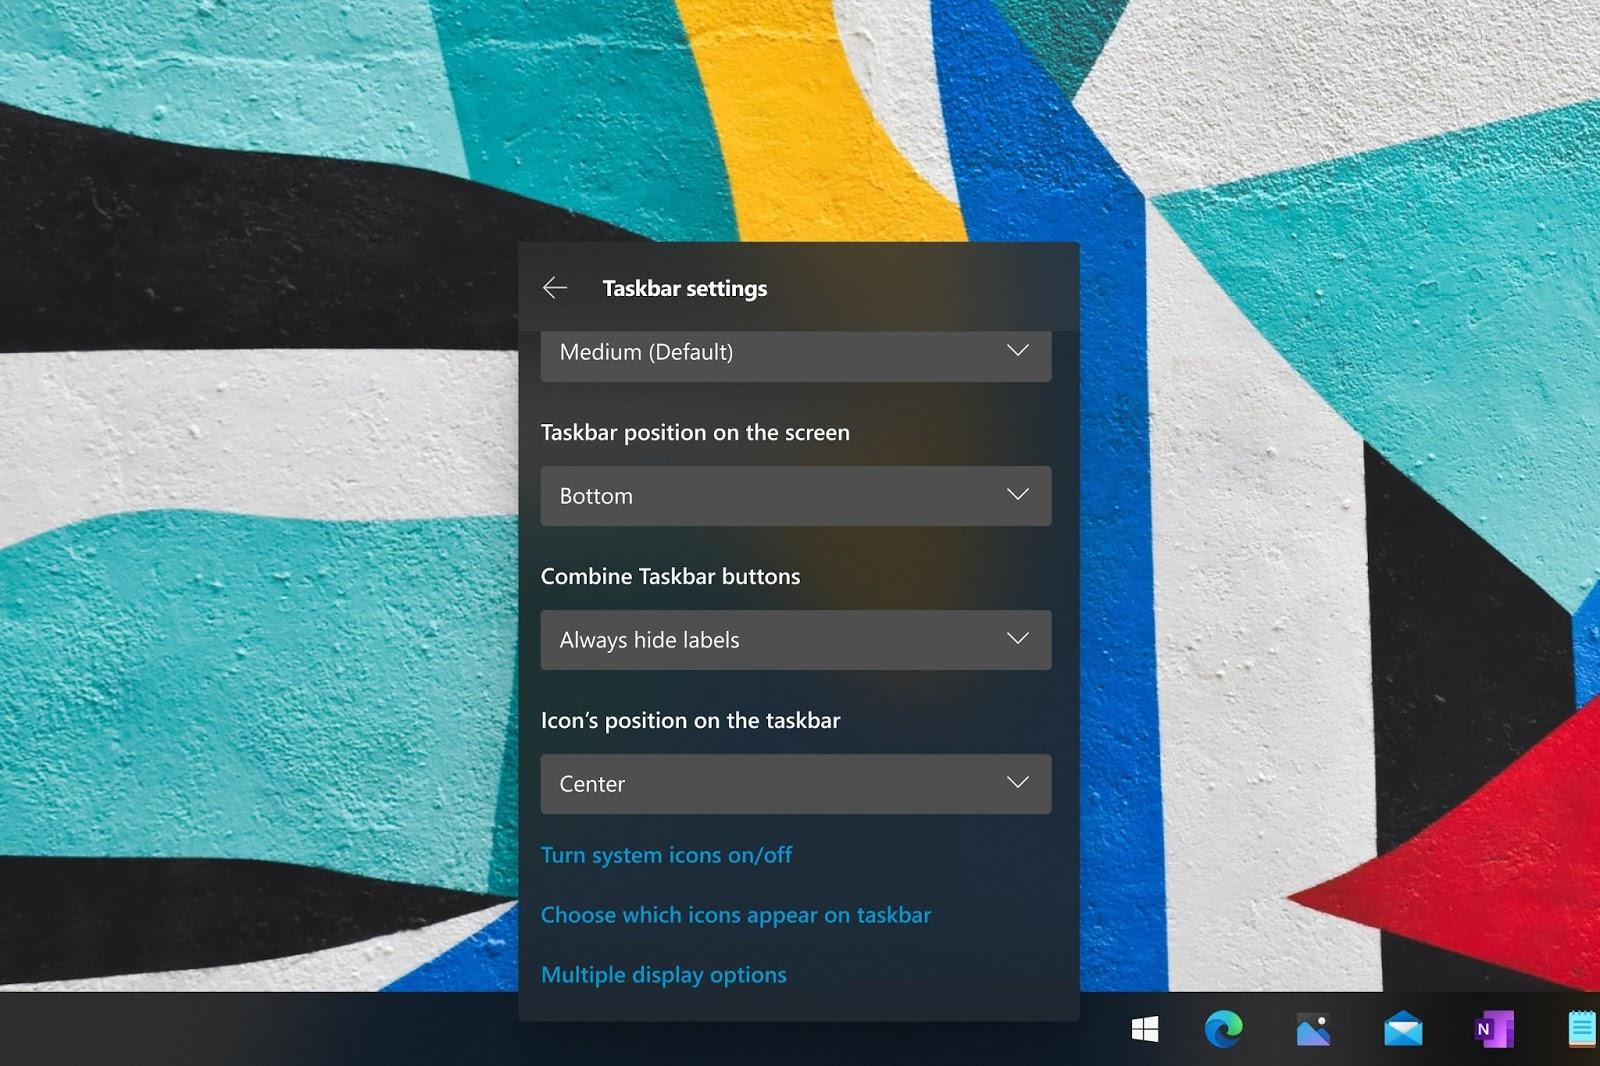 Ecco come dovrebbe essere il nuovo menu contestuale di Windows 10